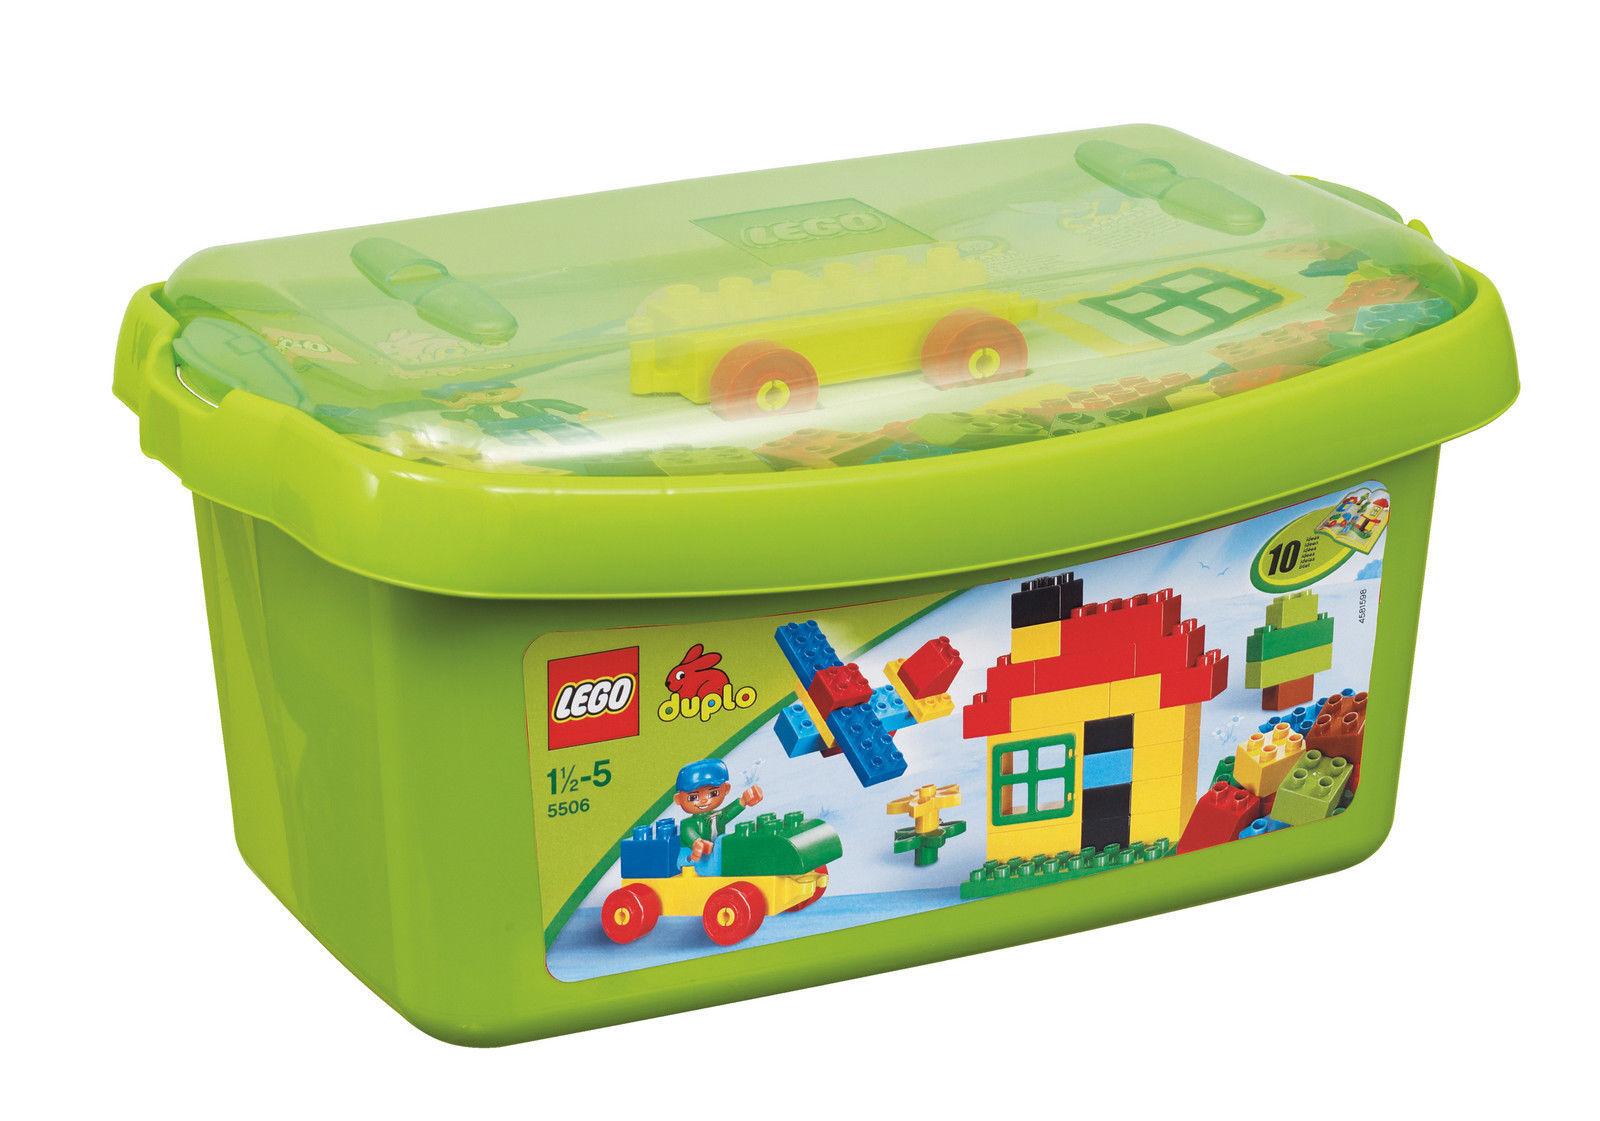 LEGO Duplo Große Steinebox (5506) NEU OVP Selten Sammler